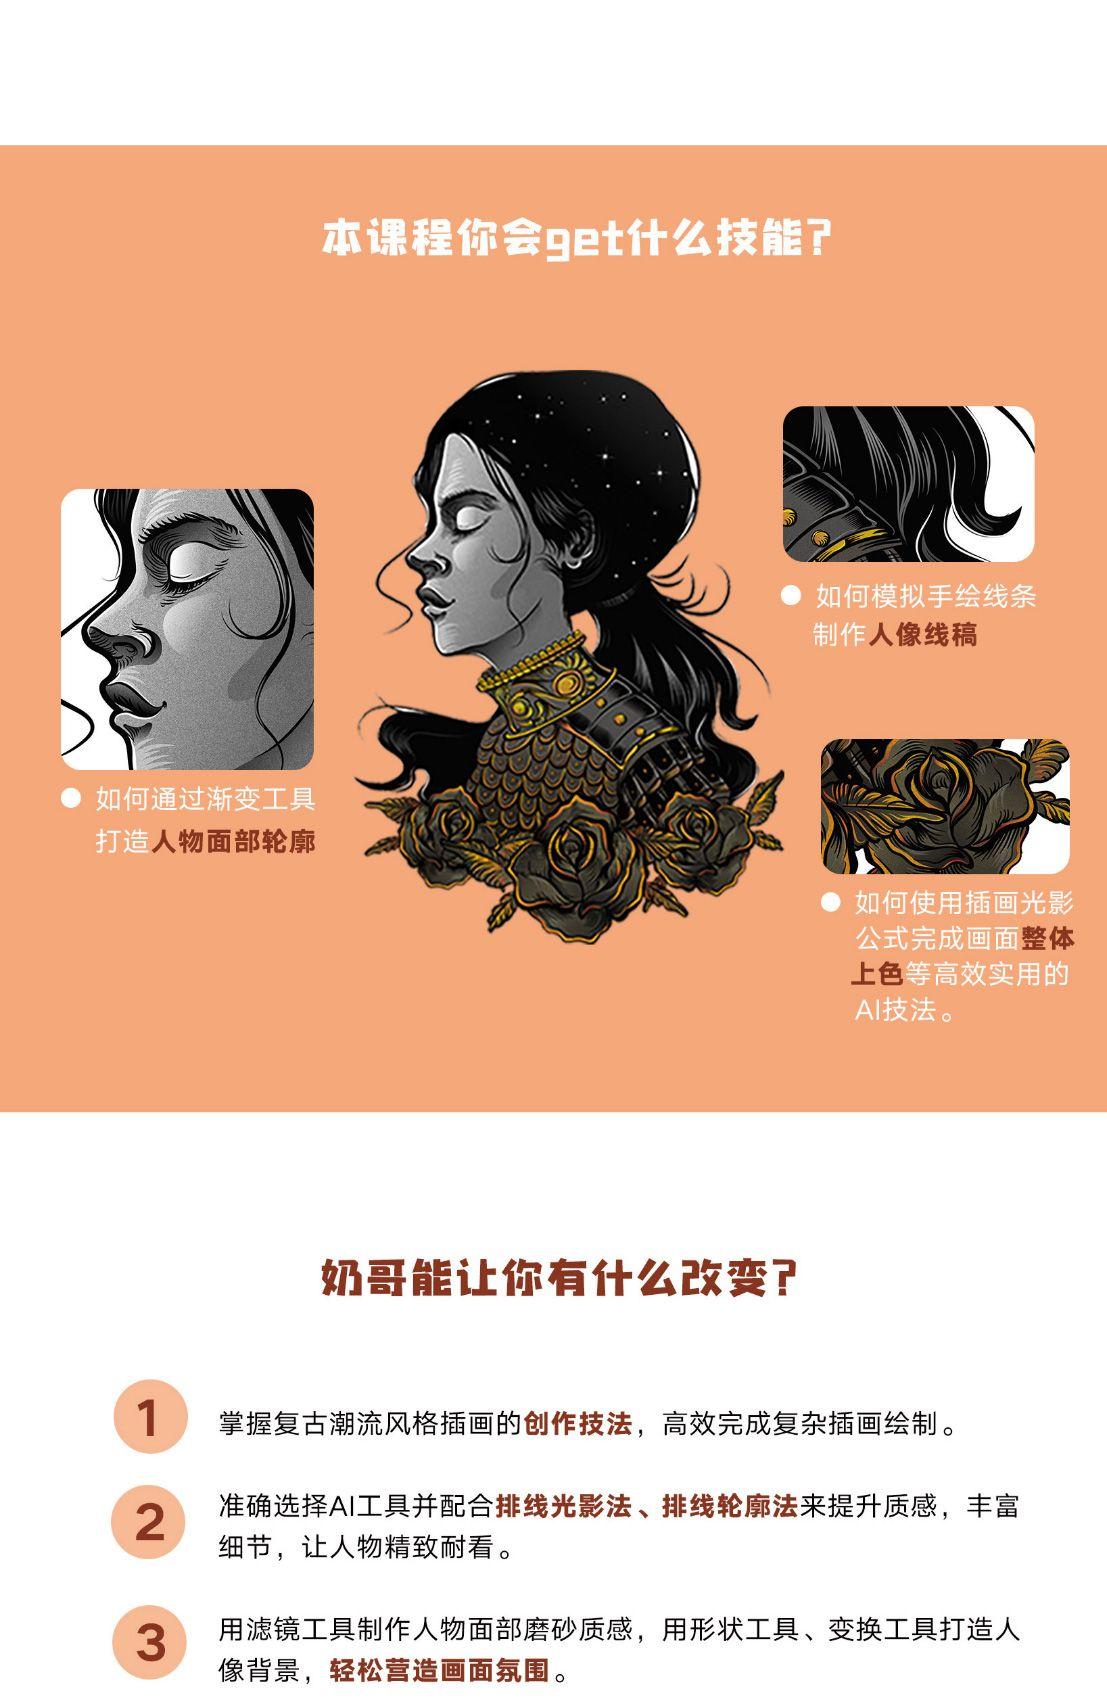 奶哥-AI商业插画:复古潮流风插图绘制视频教程